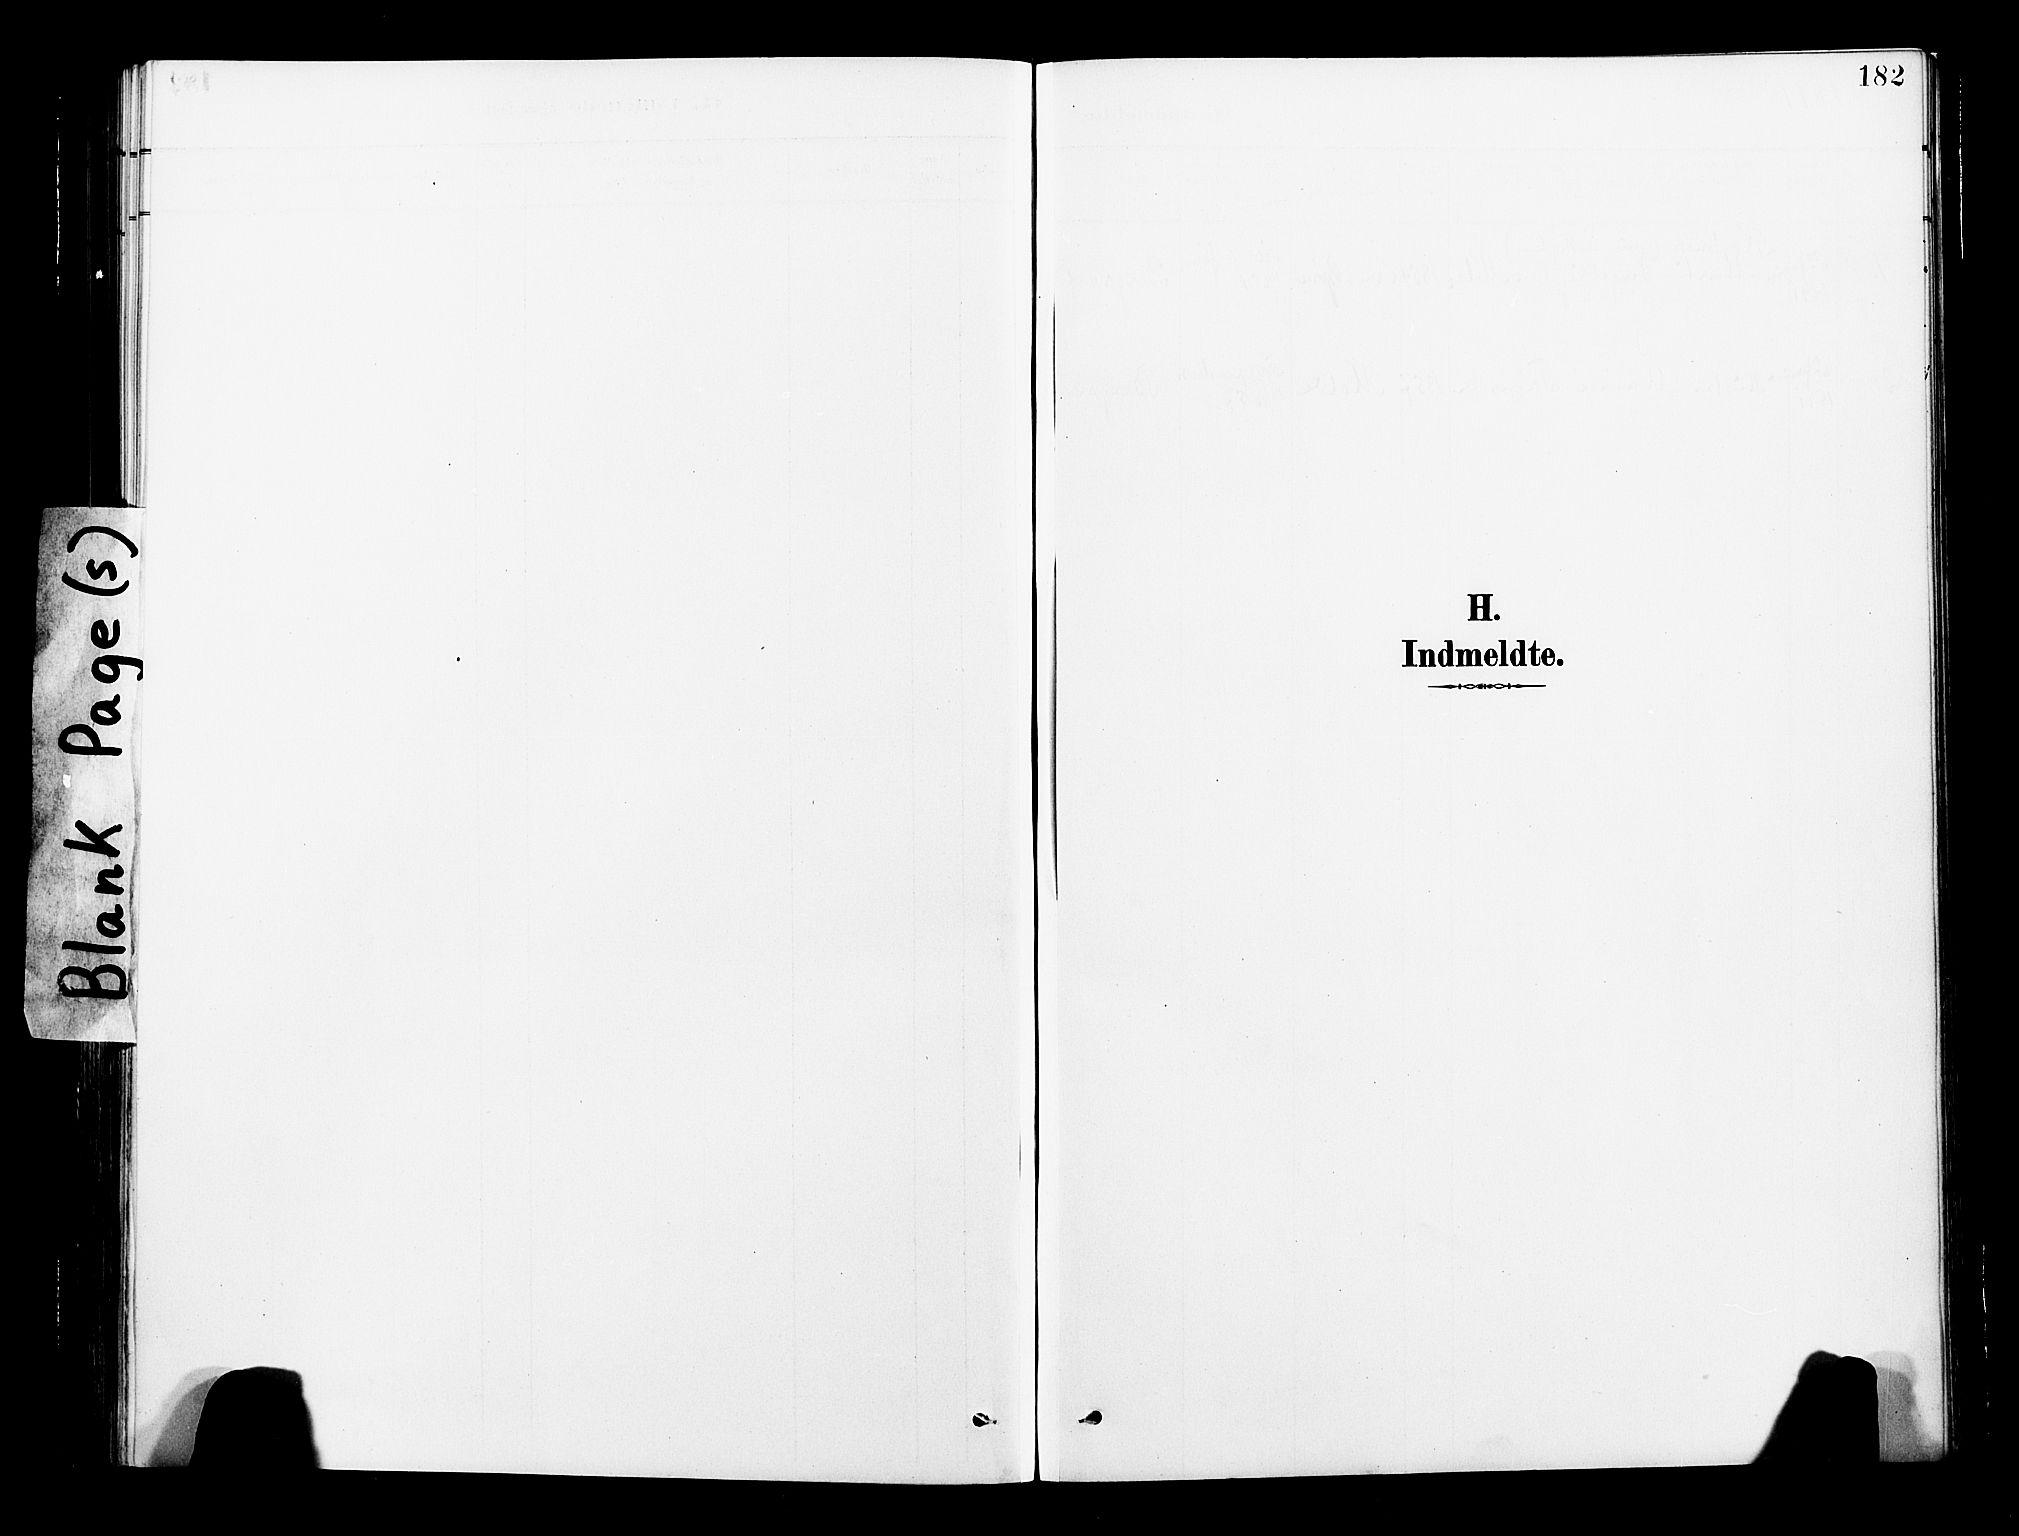 SAT, Ministerialprotokoller, klokkerbøker og fødselsregistre - Nord-Trøndelag, 713/L0121: Ministerialbok nr. 713A10, 1888-1898, s. 182